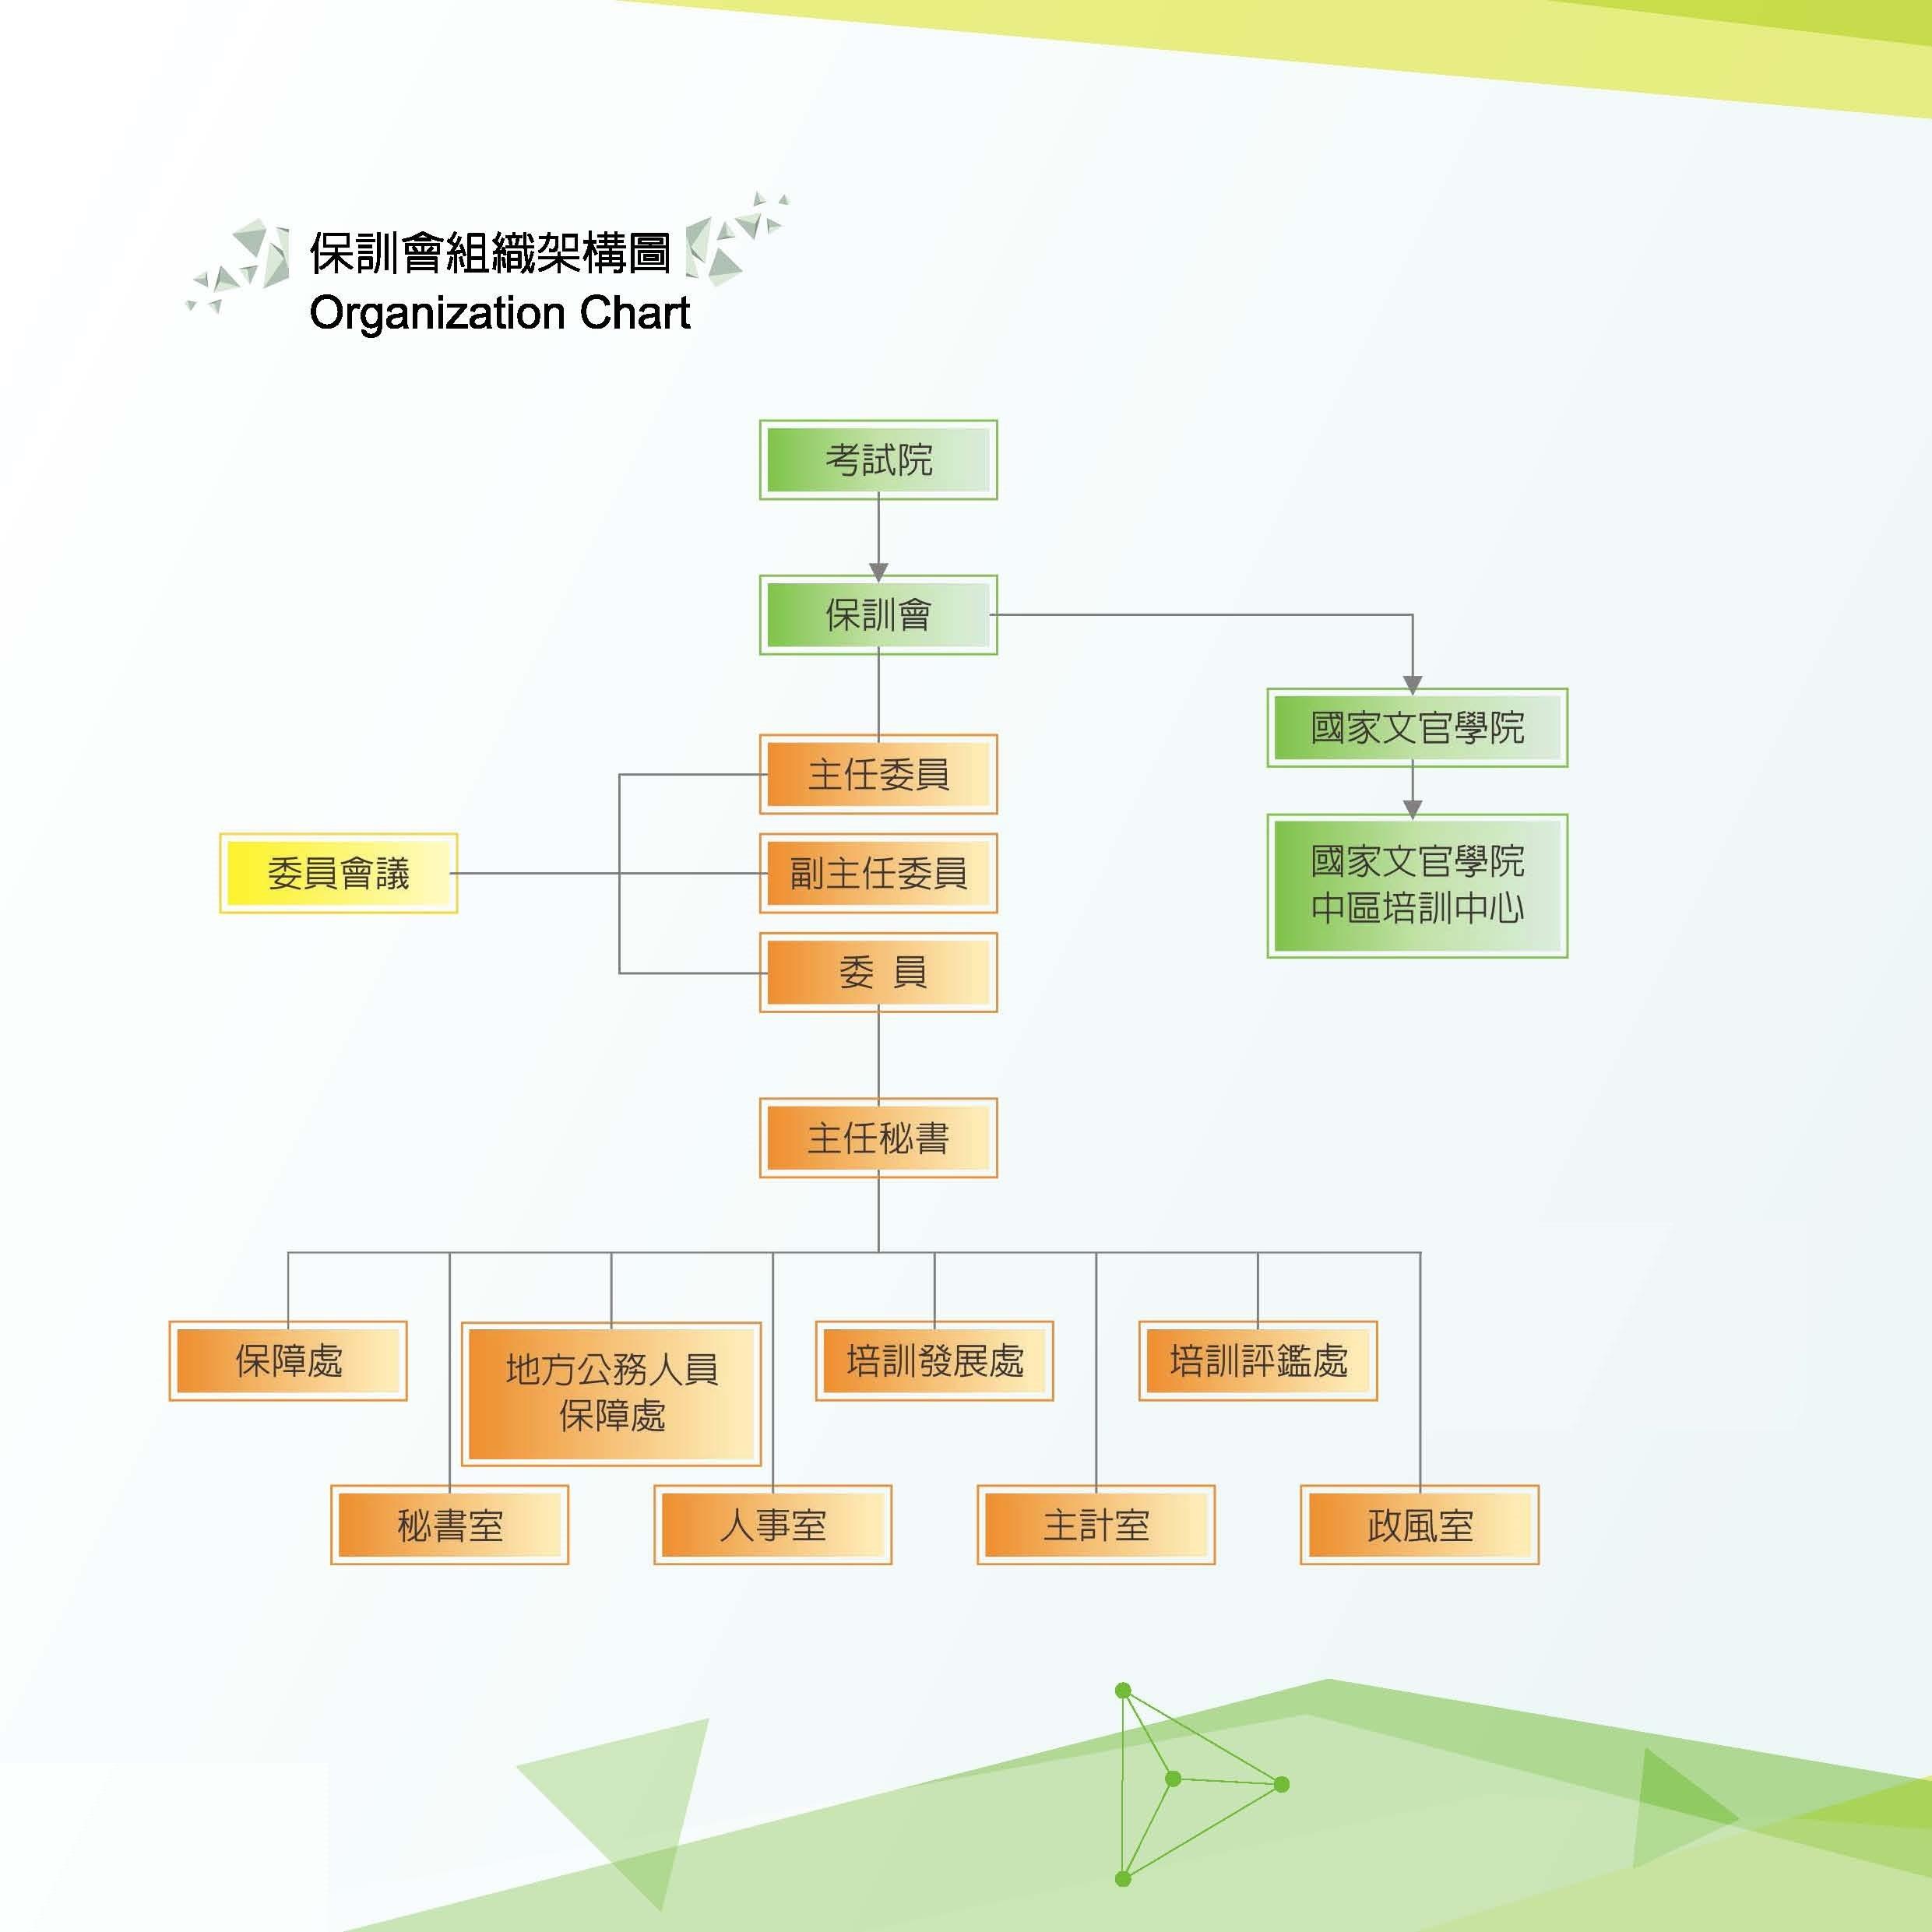 保訓會組織價構圖